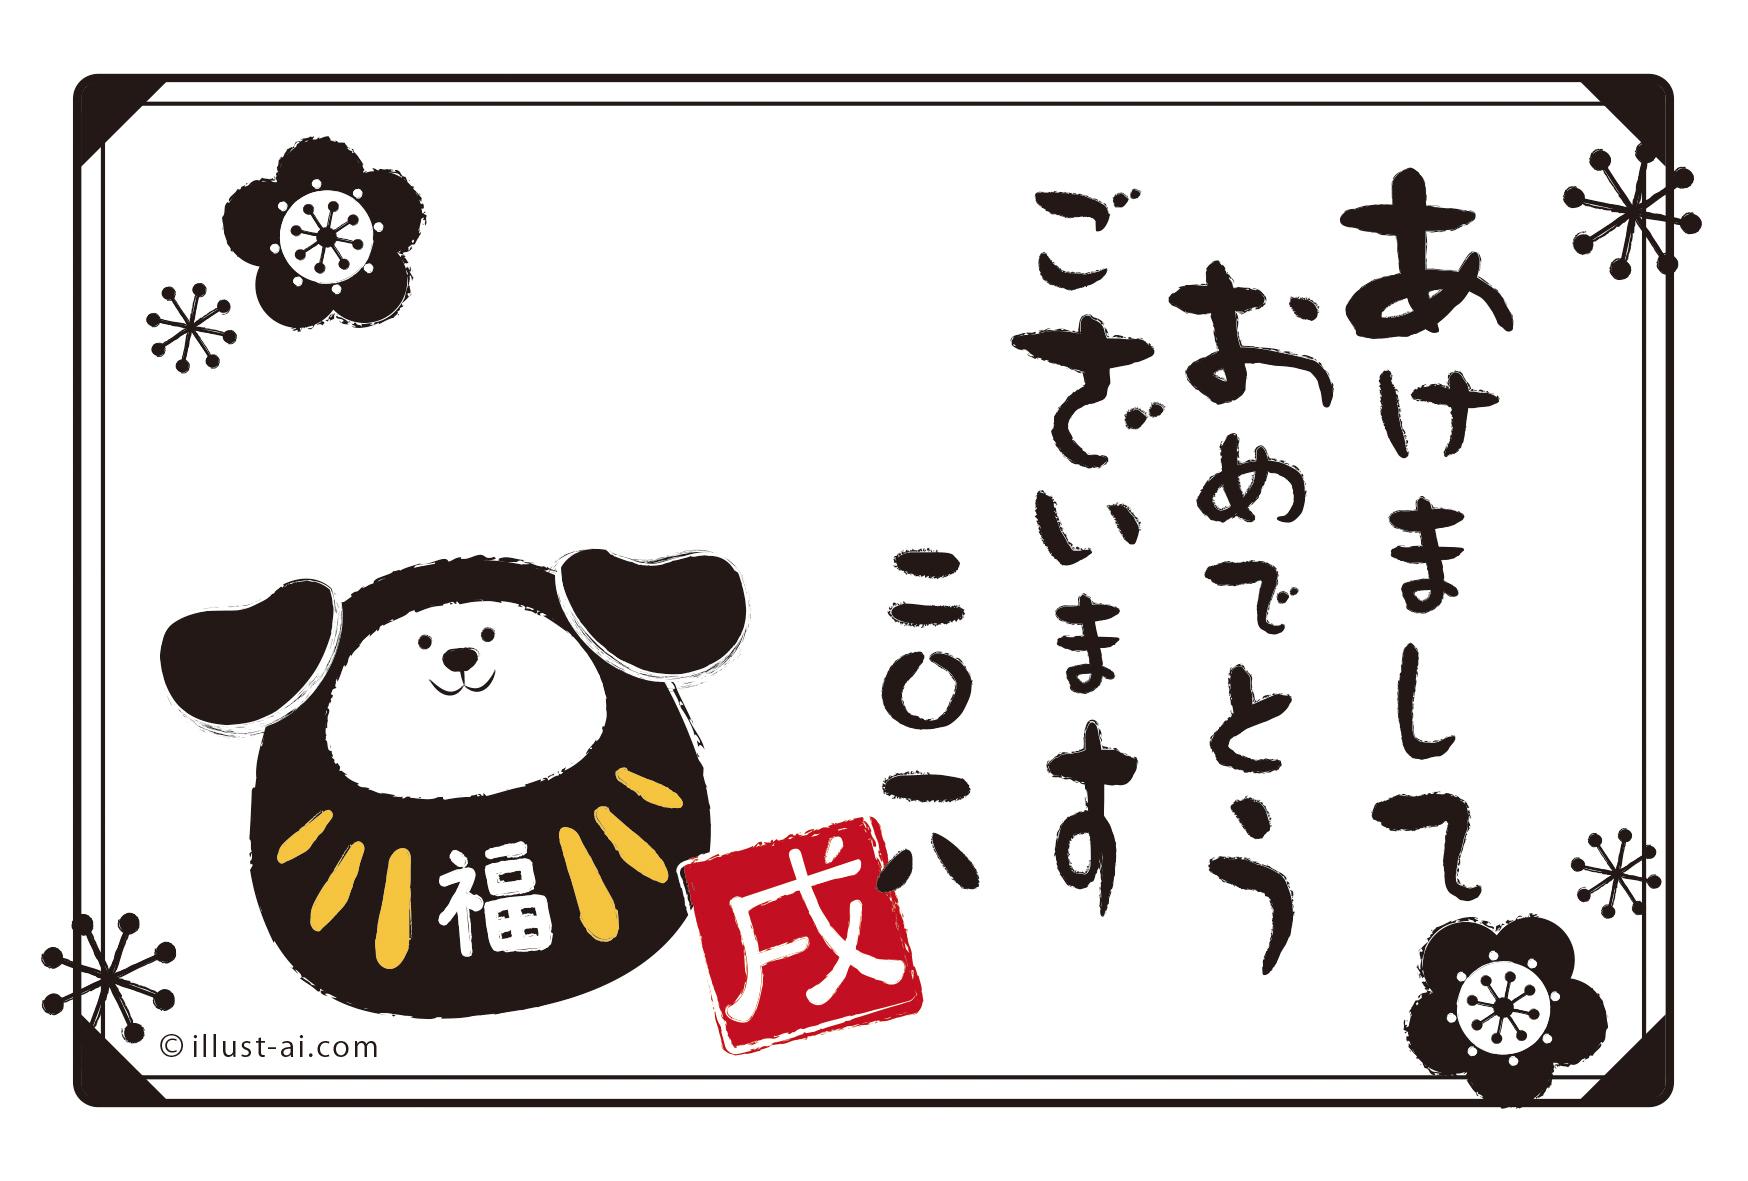 年賀状 戌年 犬と達磨のモノクロイラスト年賀状 横 年賀状18無料イラスト素材集